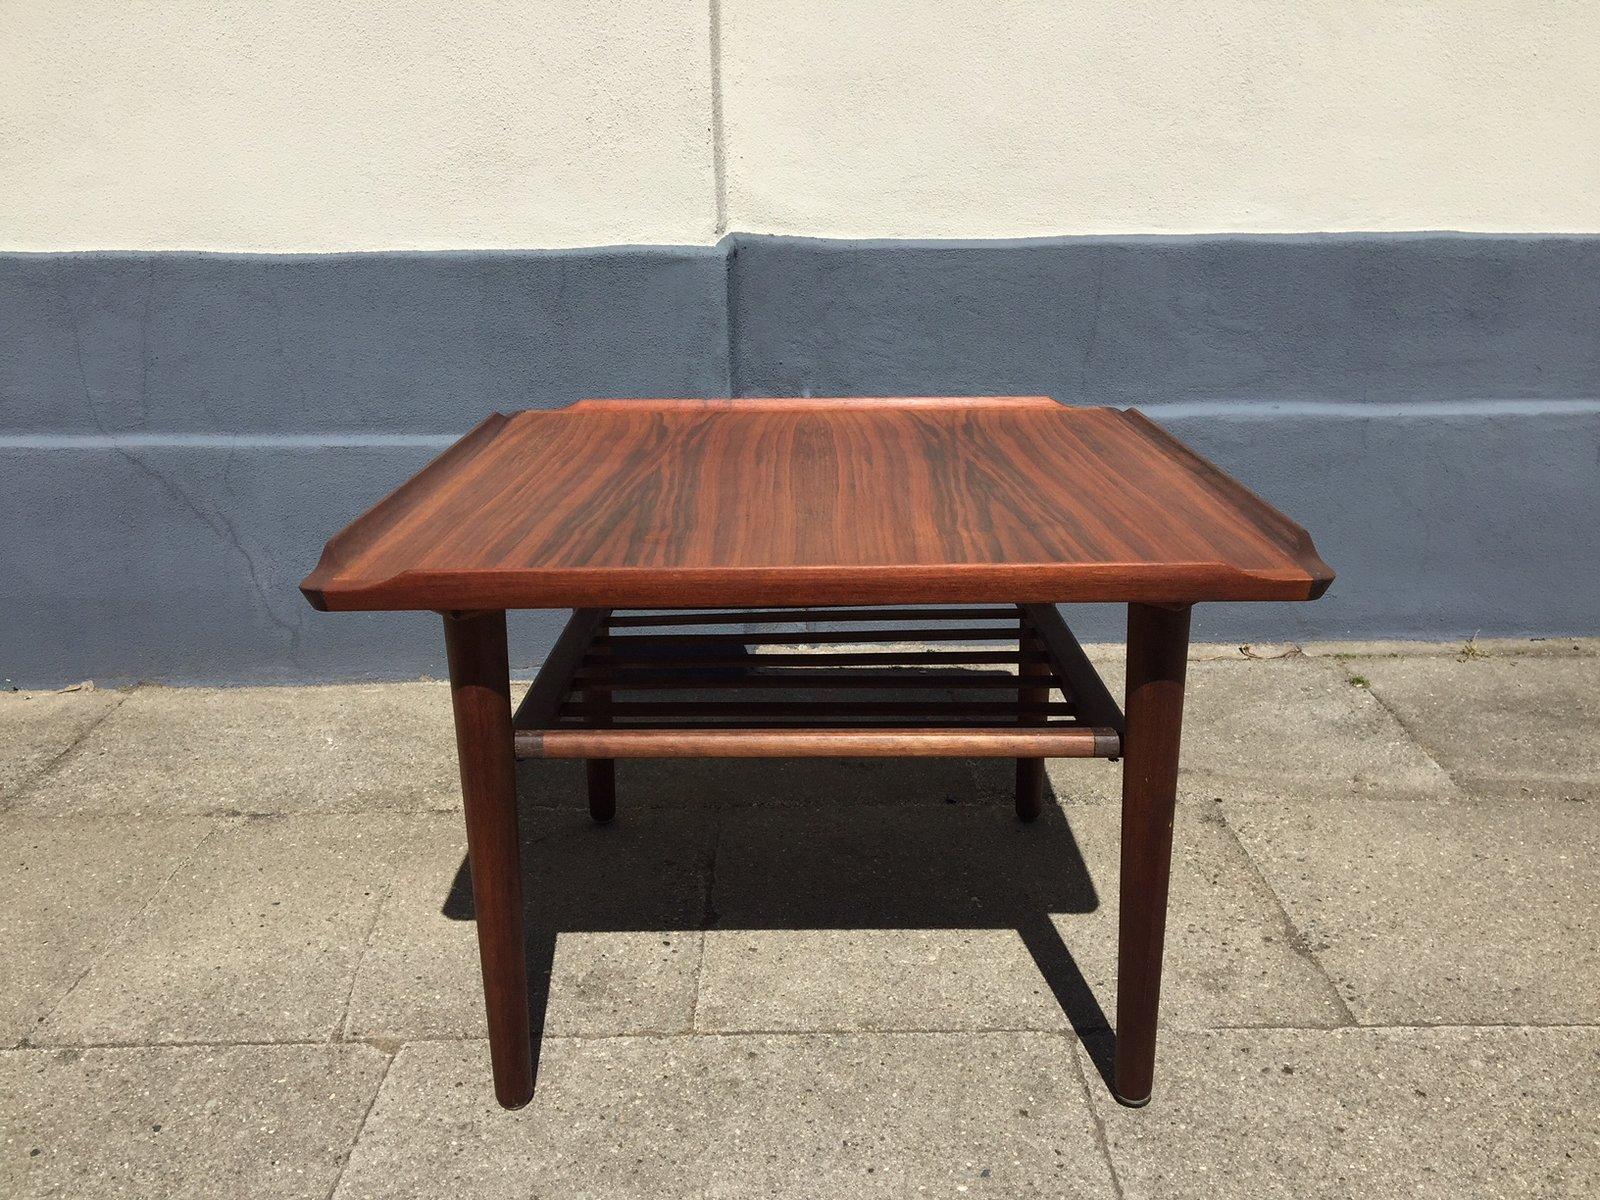 Danish Teak Coffee Table by Holger Georg Jensen for Kubus ...